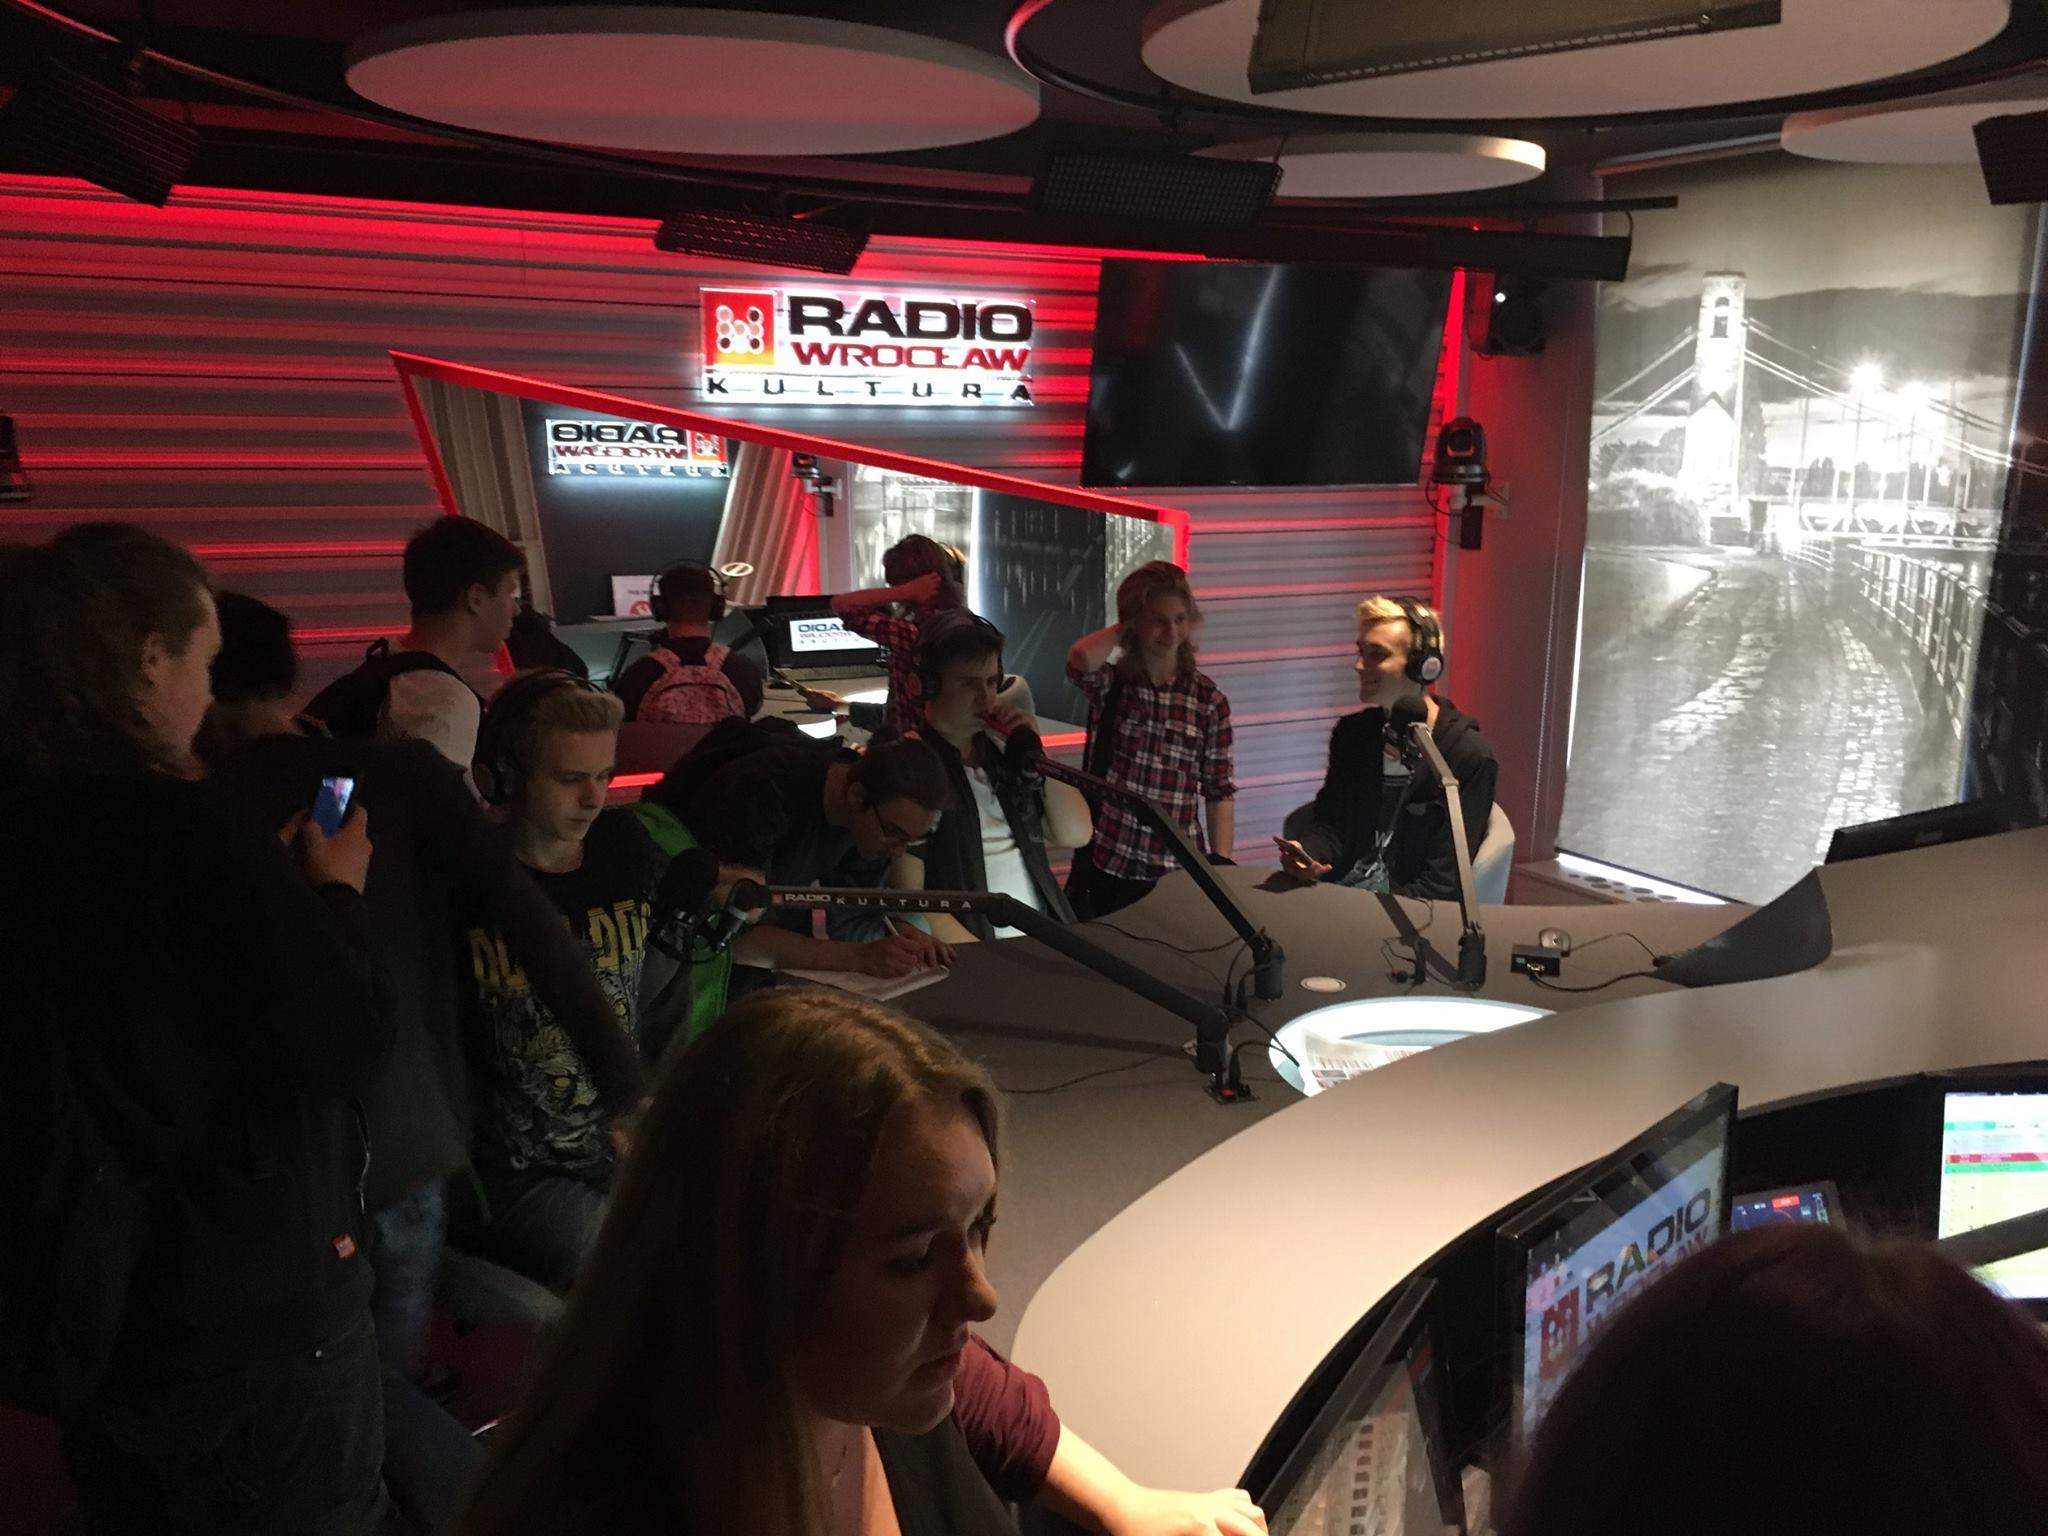 II WIZYTY PLAN RADIO TV Wizyta w Radio